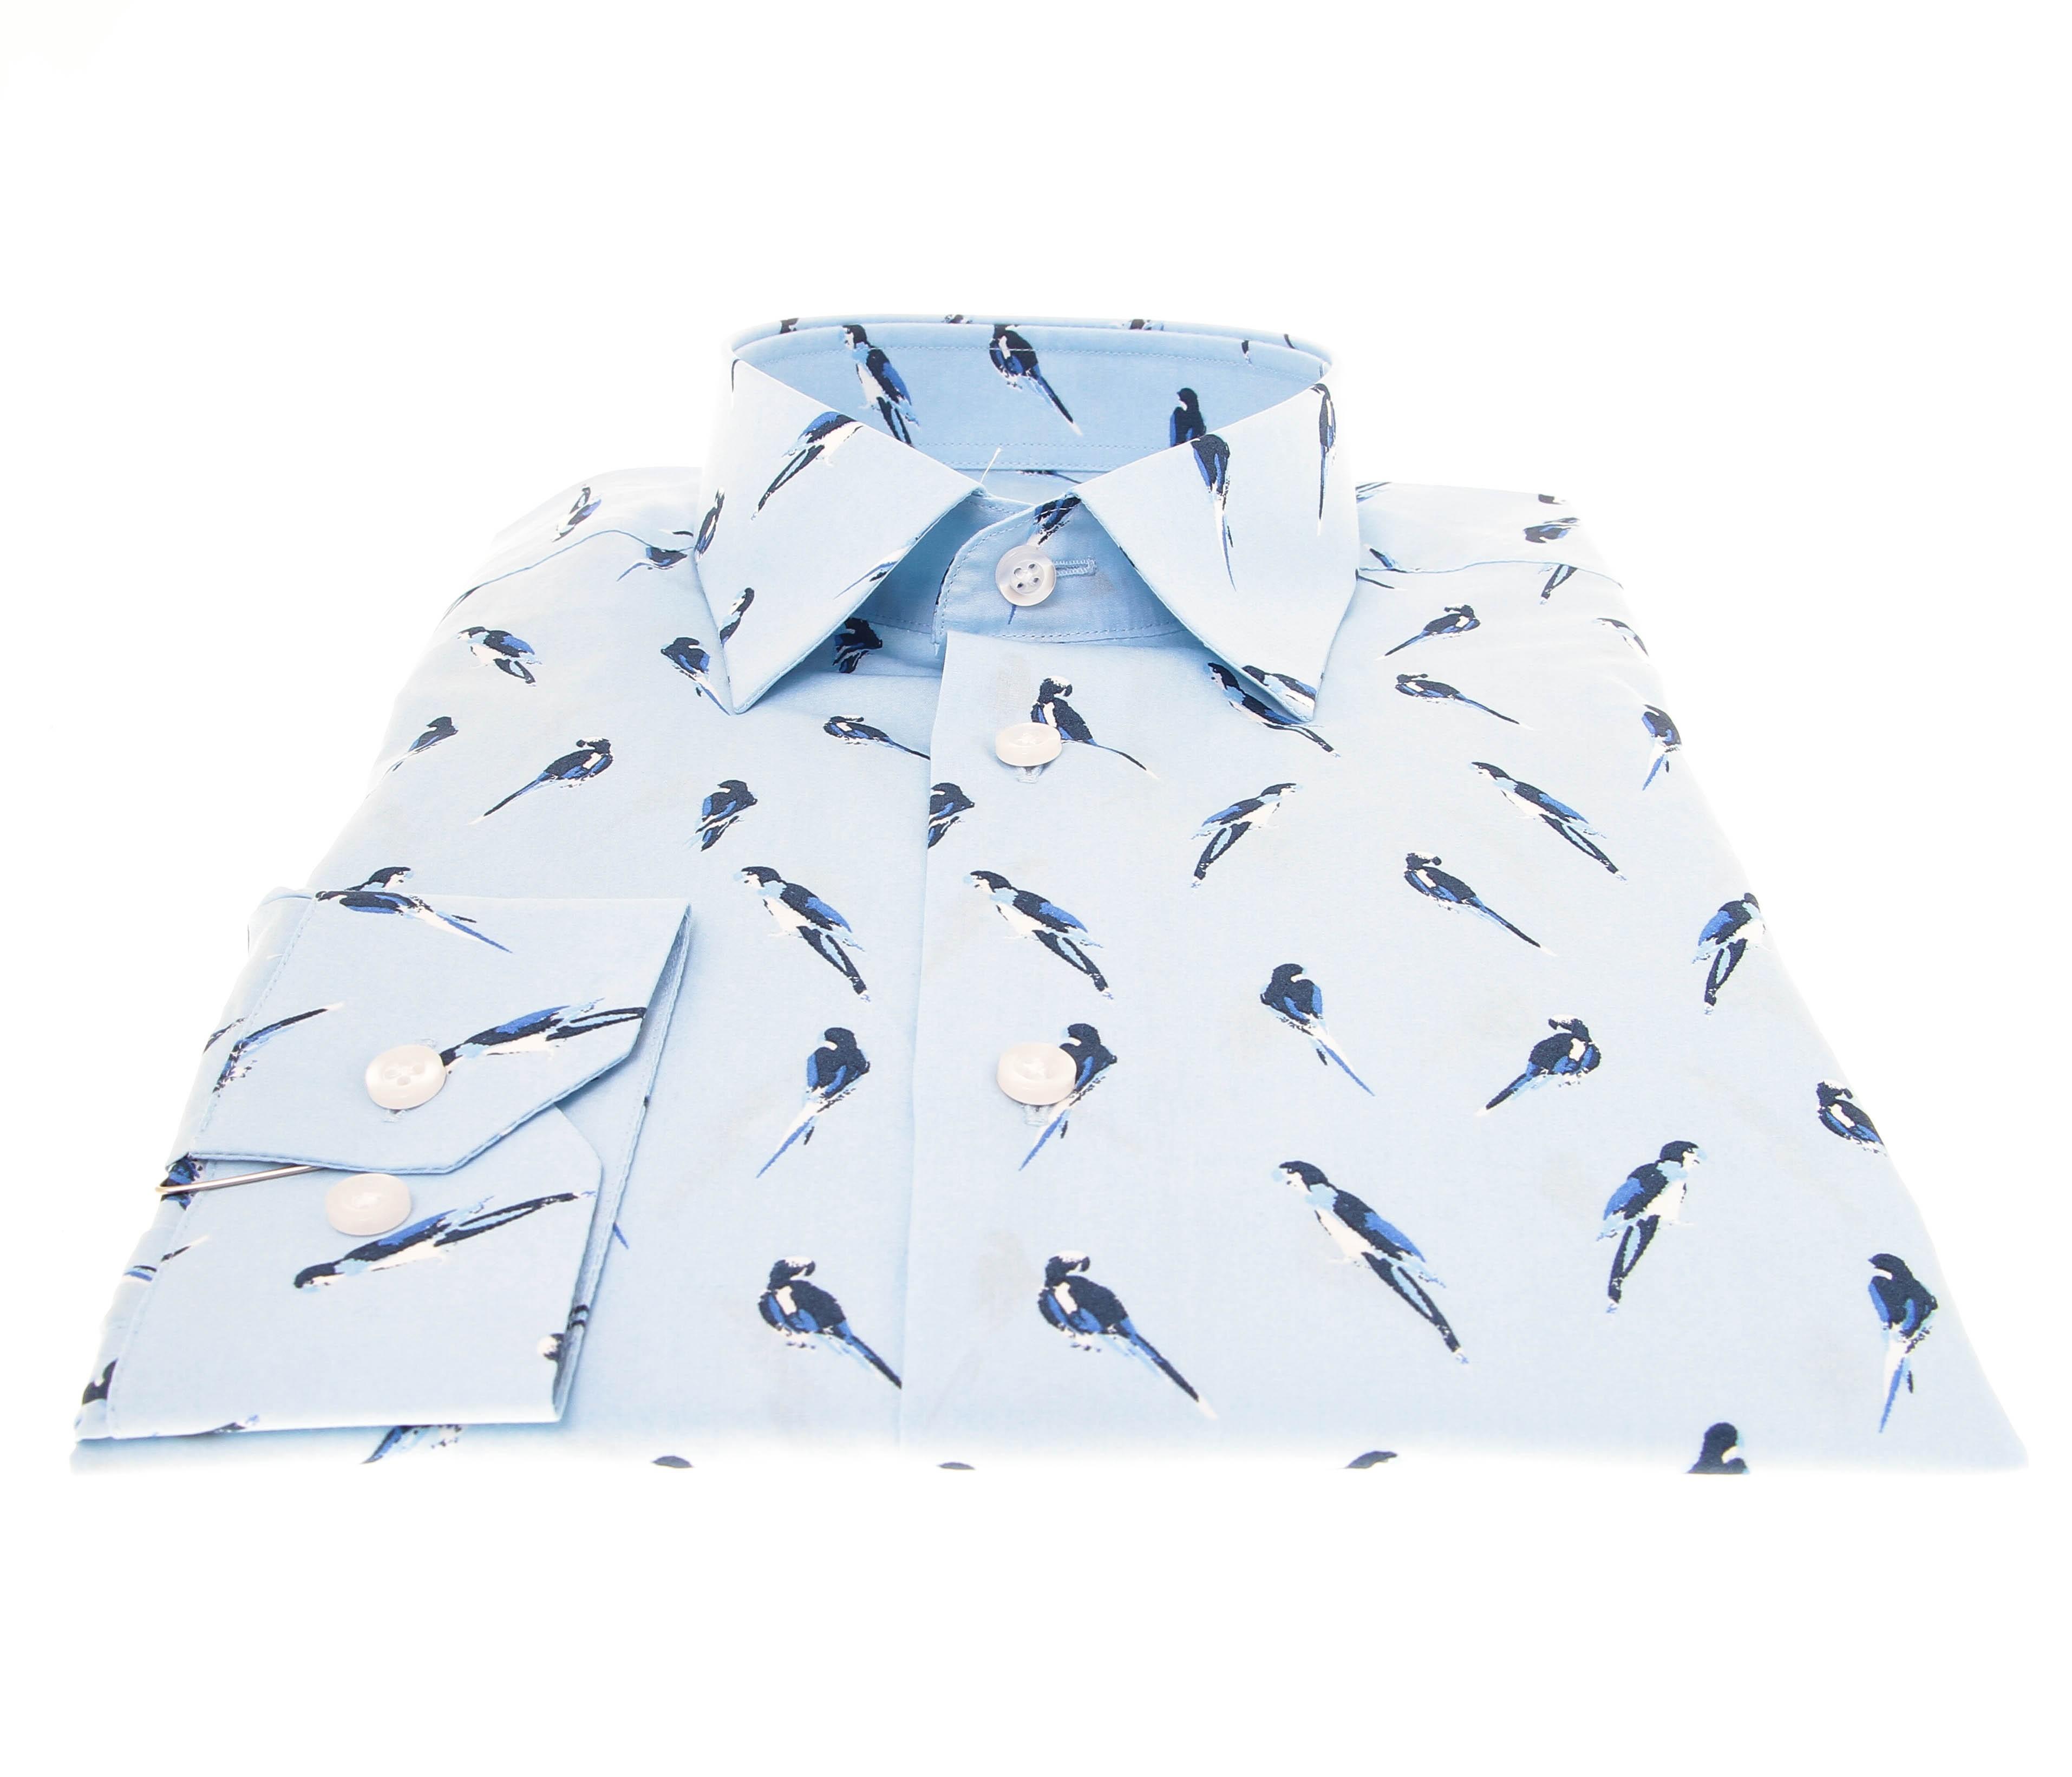 Chemise Summer : Ciel - Motif perroquet bleu - Petit col français (chemise)